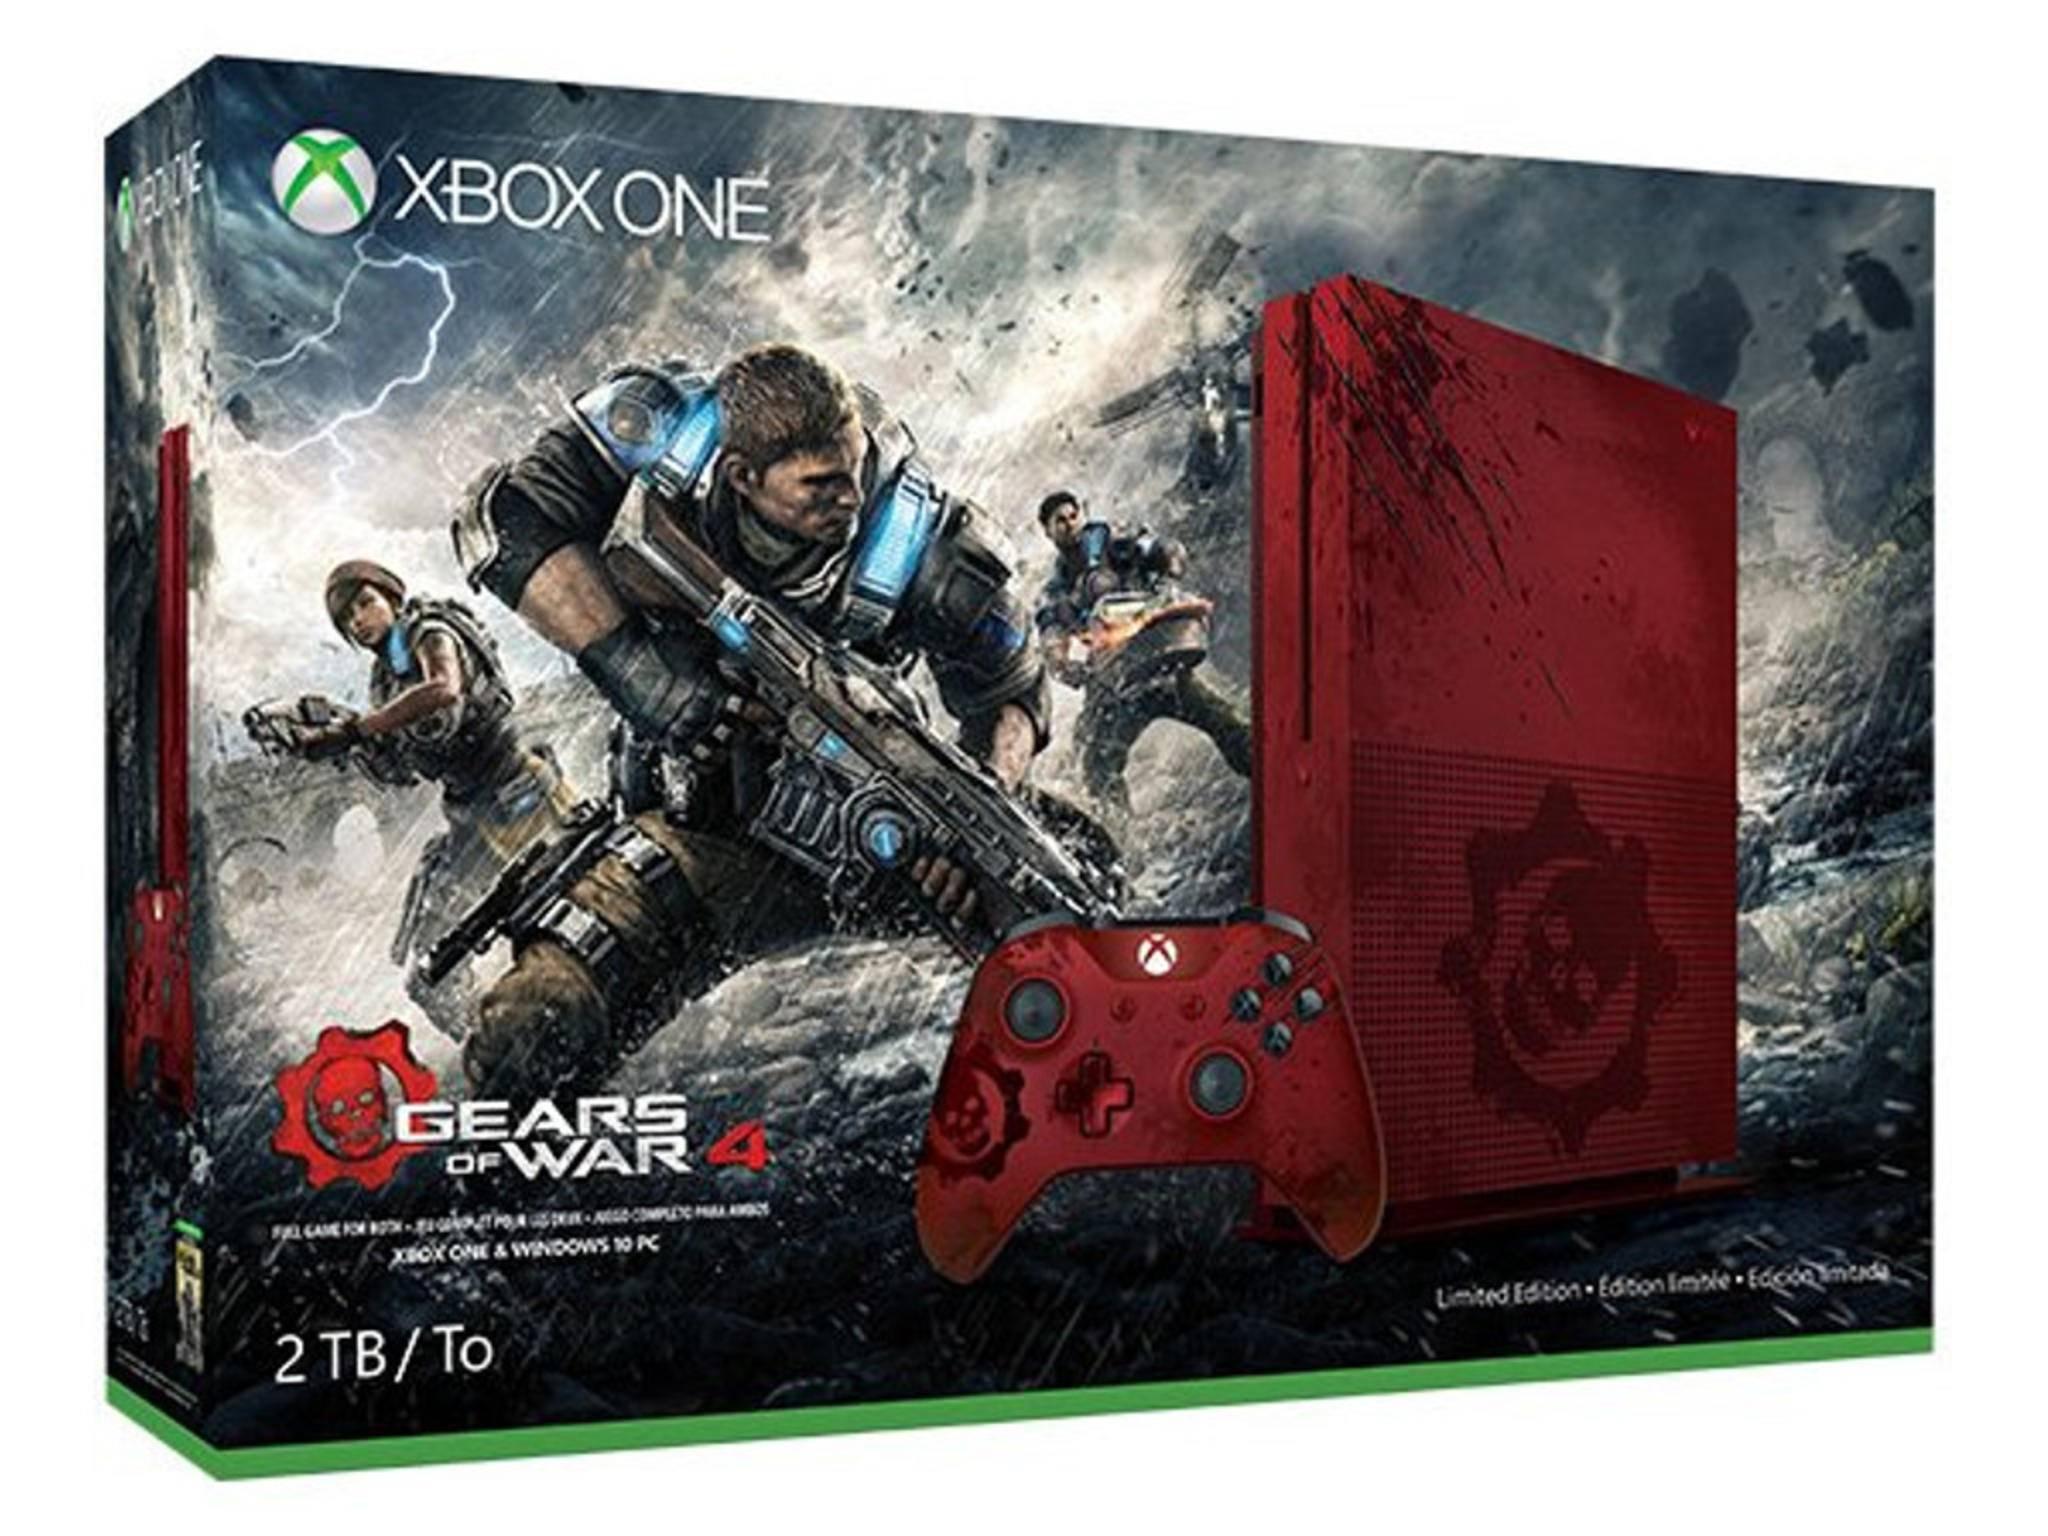 """Das bluttriefende """"Gears of War 4"""" erscheint im Bundle mit einer blutroten Xbox One S."""